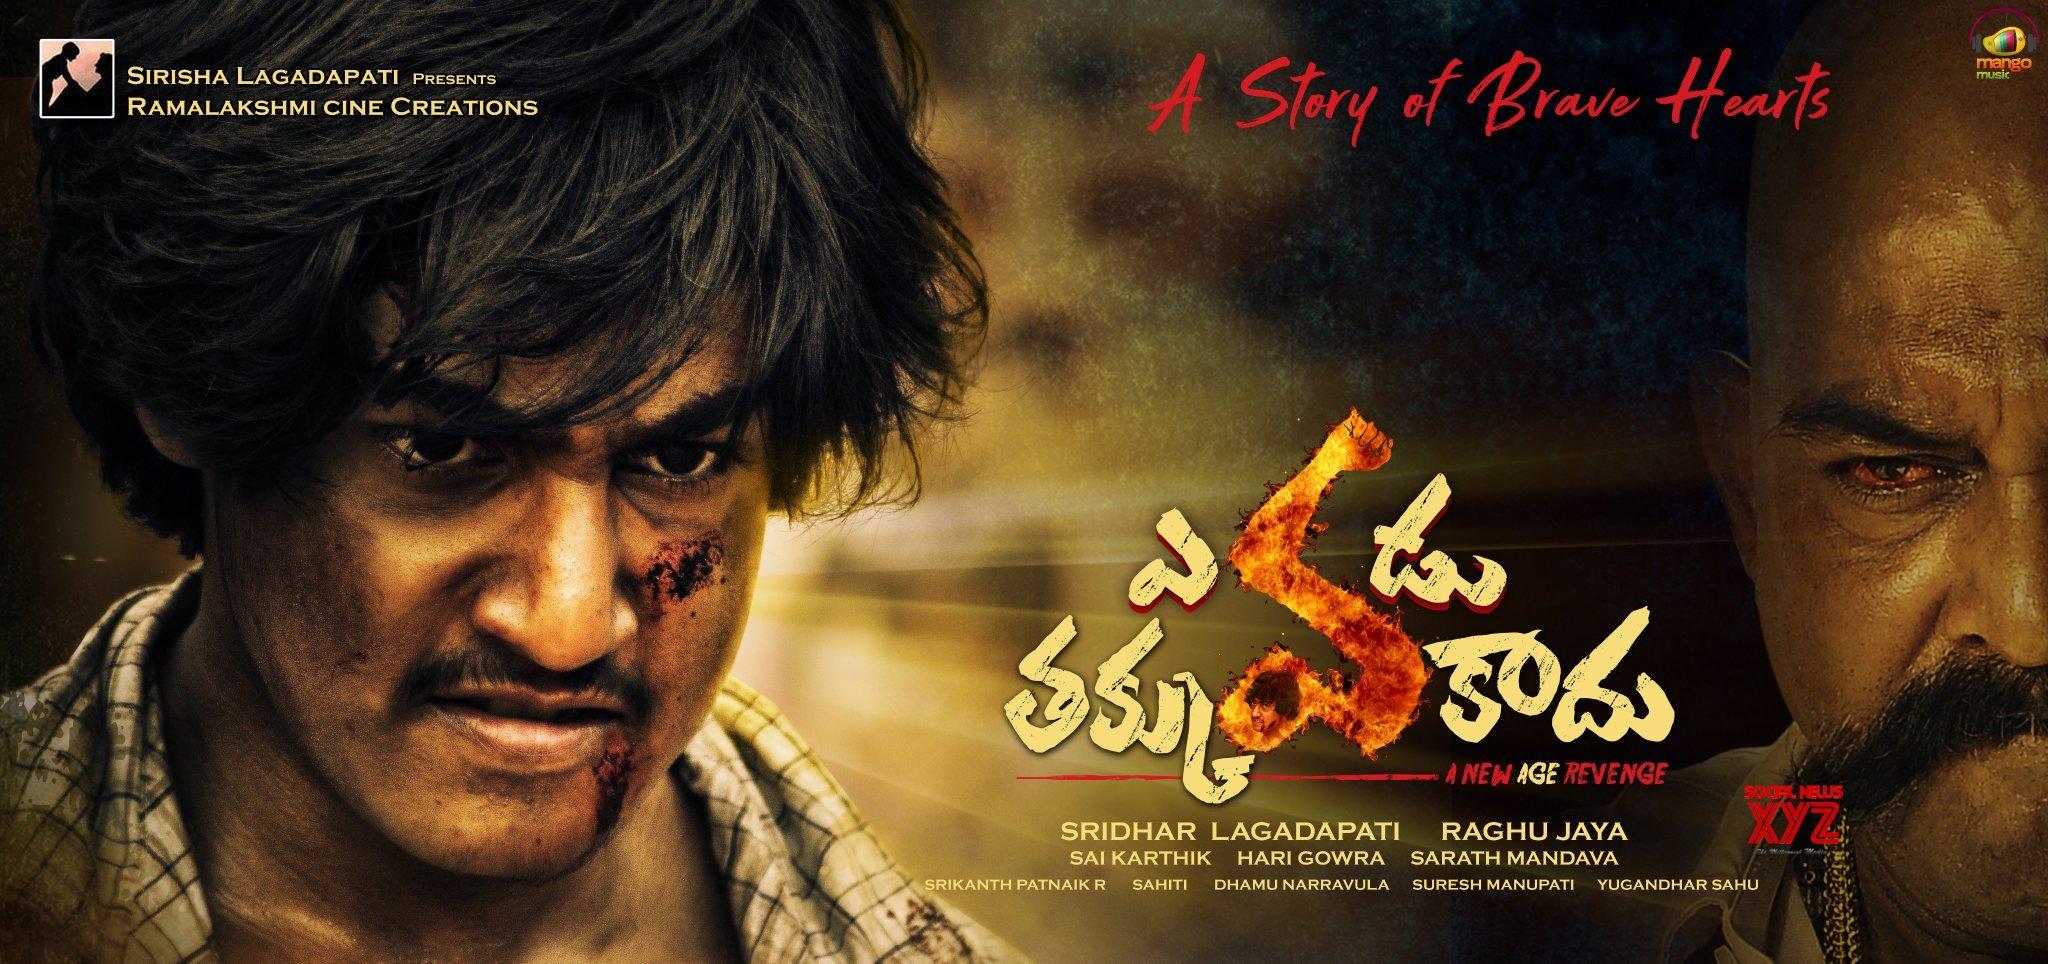 Evadu Thakkuva Kaadu Movie First Look Poster